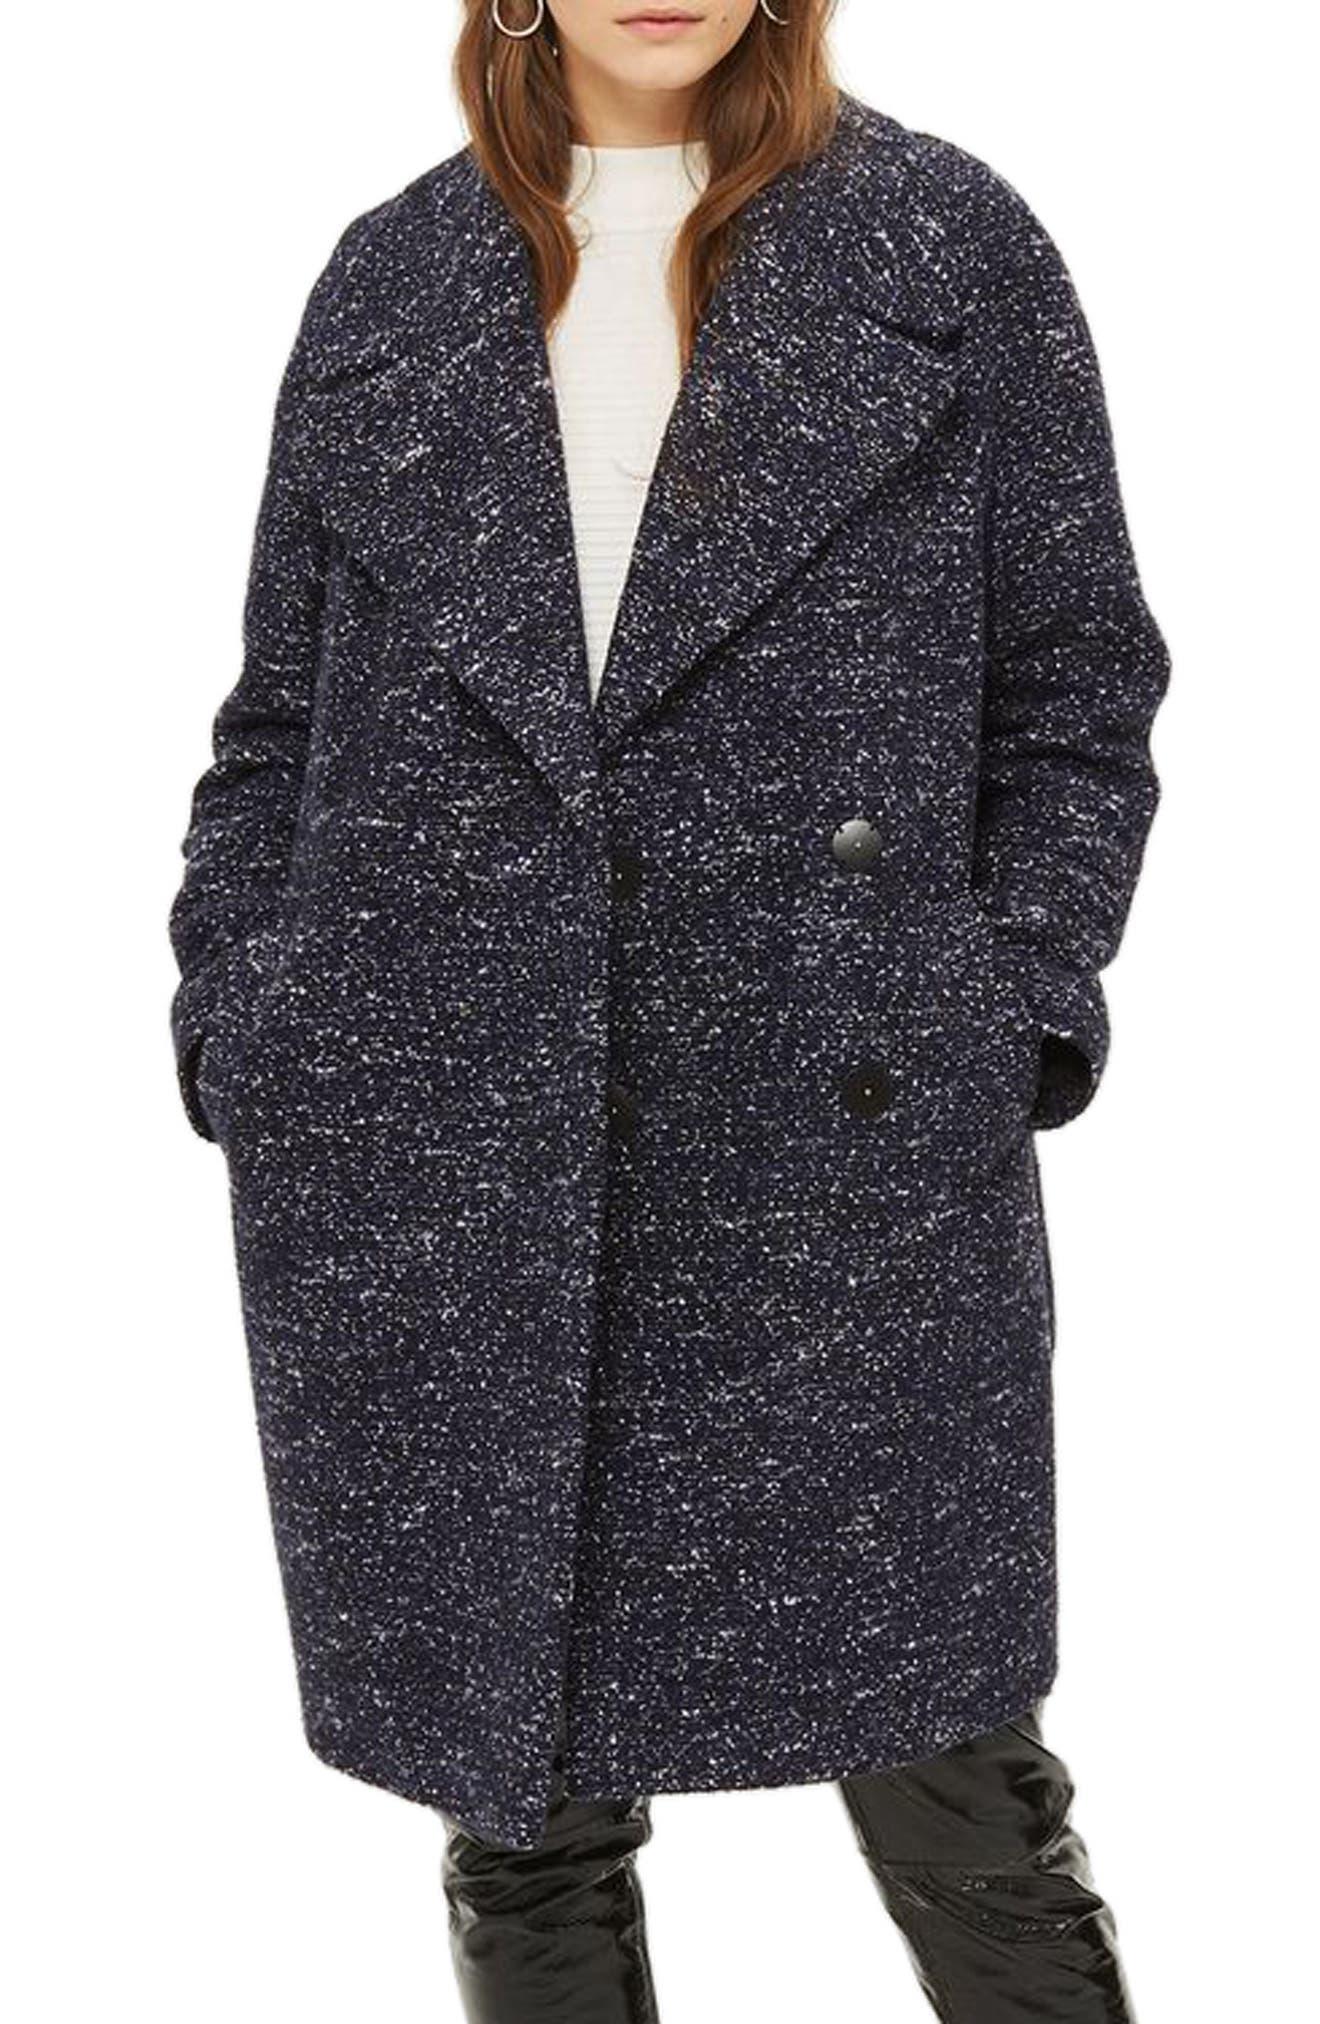 Bouclé Cocoon Coat,                         Main,                         color, Navy Blue Multi